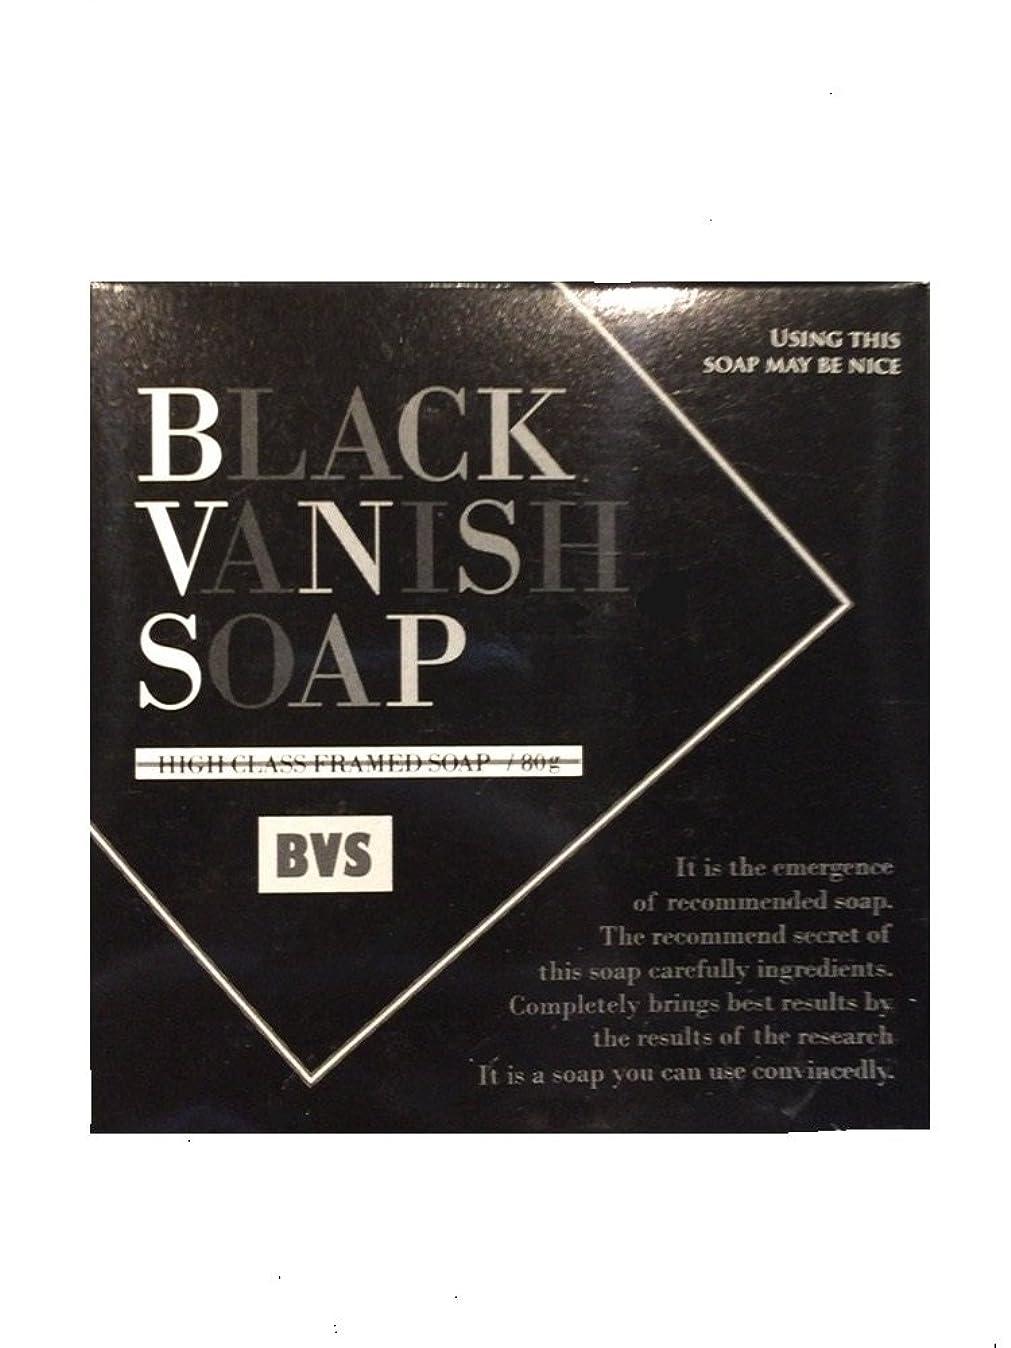 周術期然としたたくさんのBLACK VANISH SOAP (ブラックバニッシュソープ)